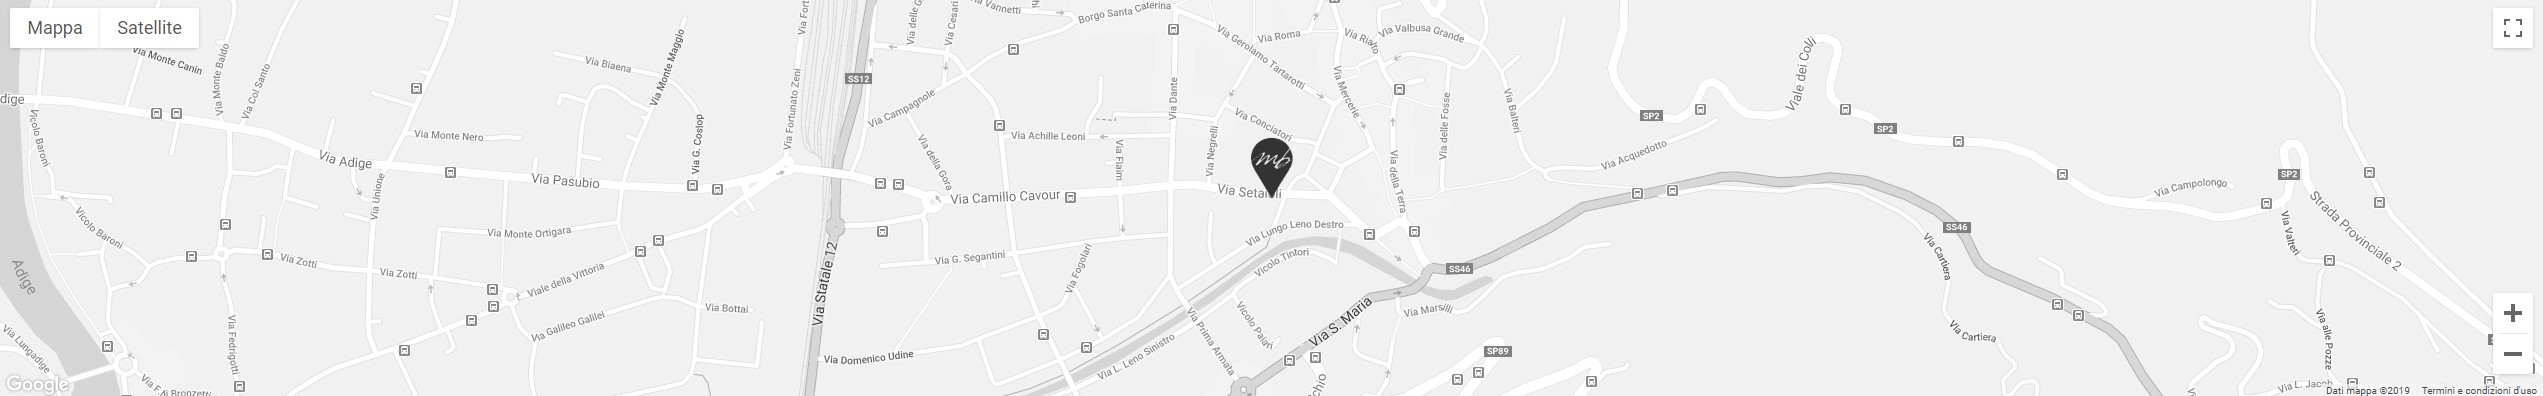 Studio Legale Avvocato Maura Bridarolli - Rovereto - Dove Siamo - Google Maps